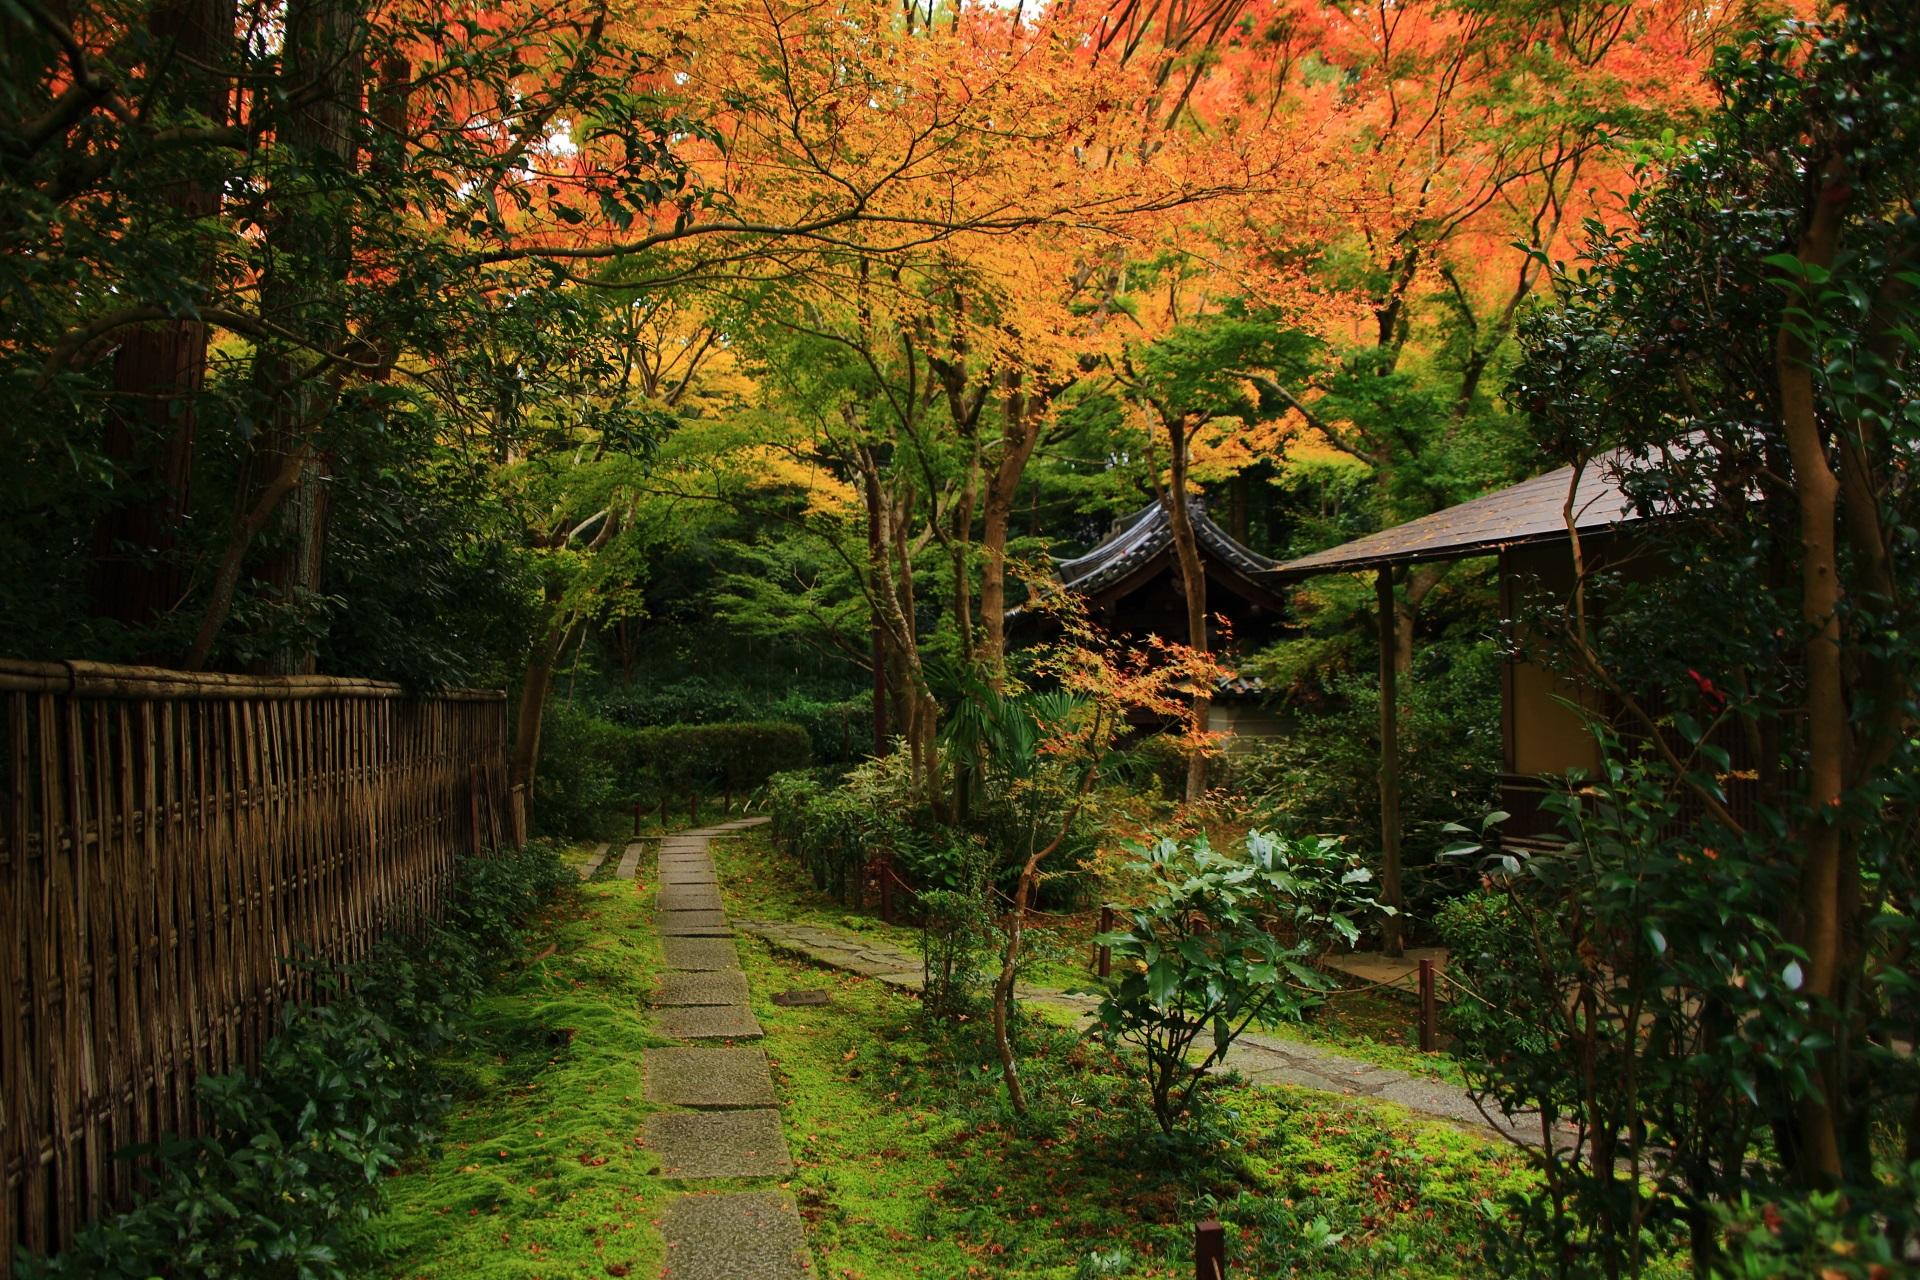 上は暖かな紅葉につつまれる来迎院の庭園と参道